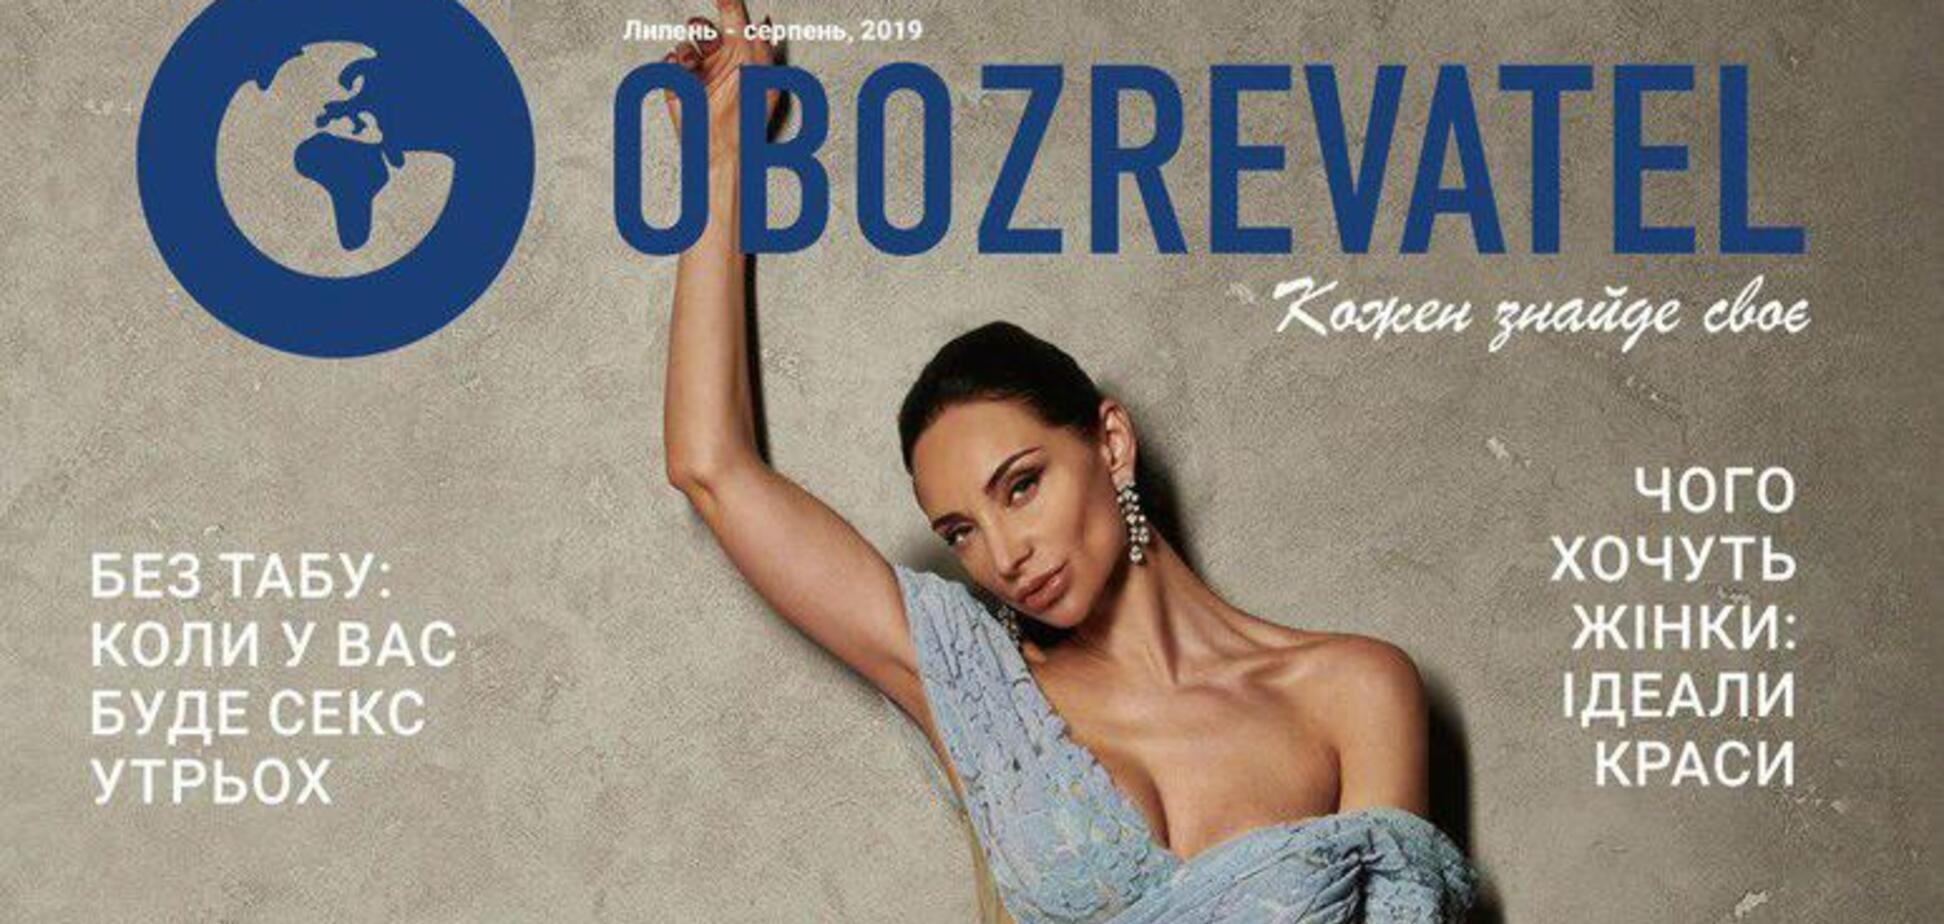 Третий номер журнала Obozrevatel: прима-балерина Кристина Шишпор и больше эксклюзивной информации